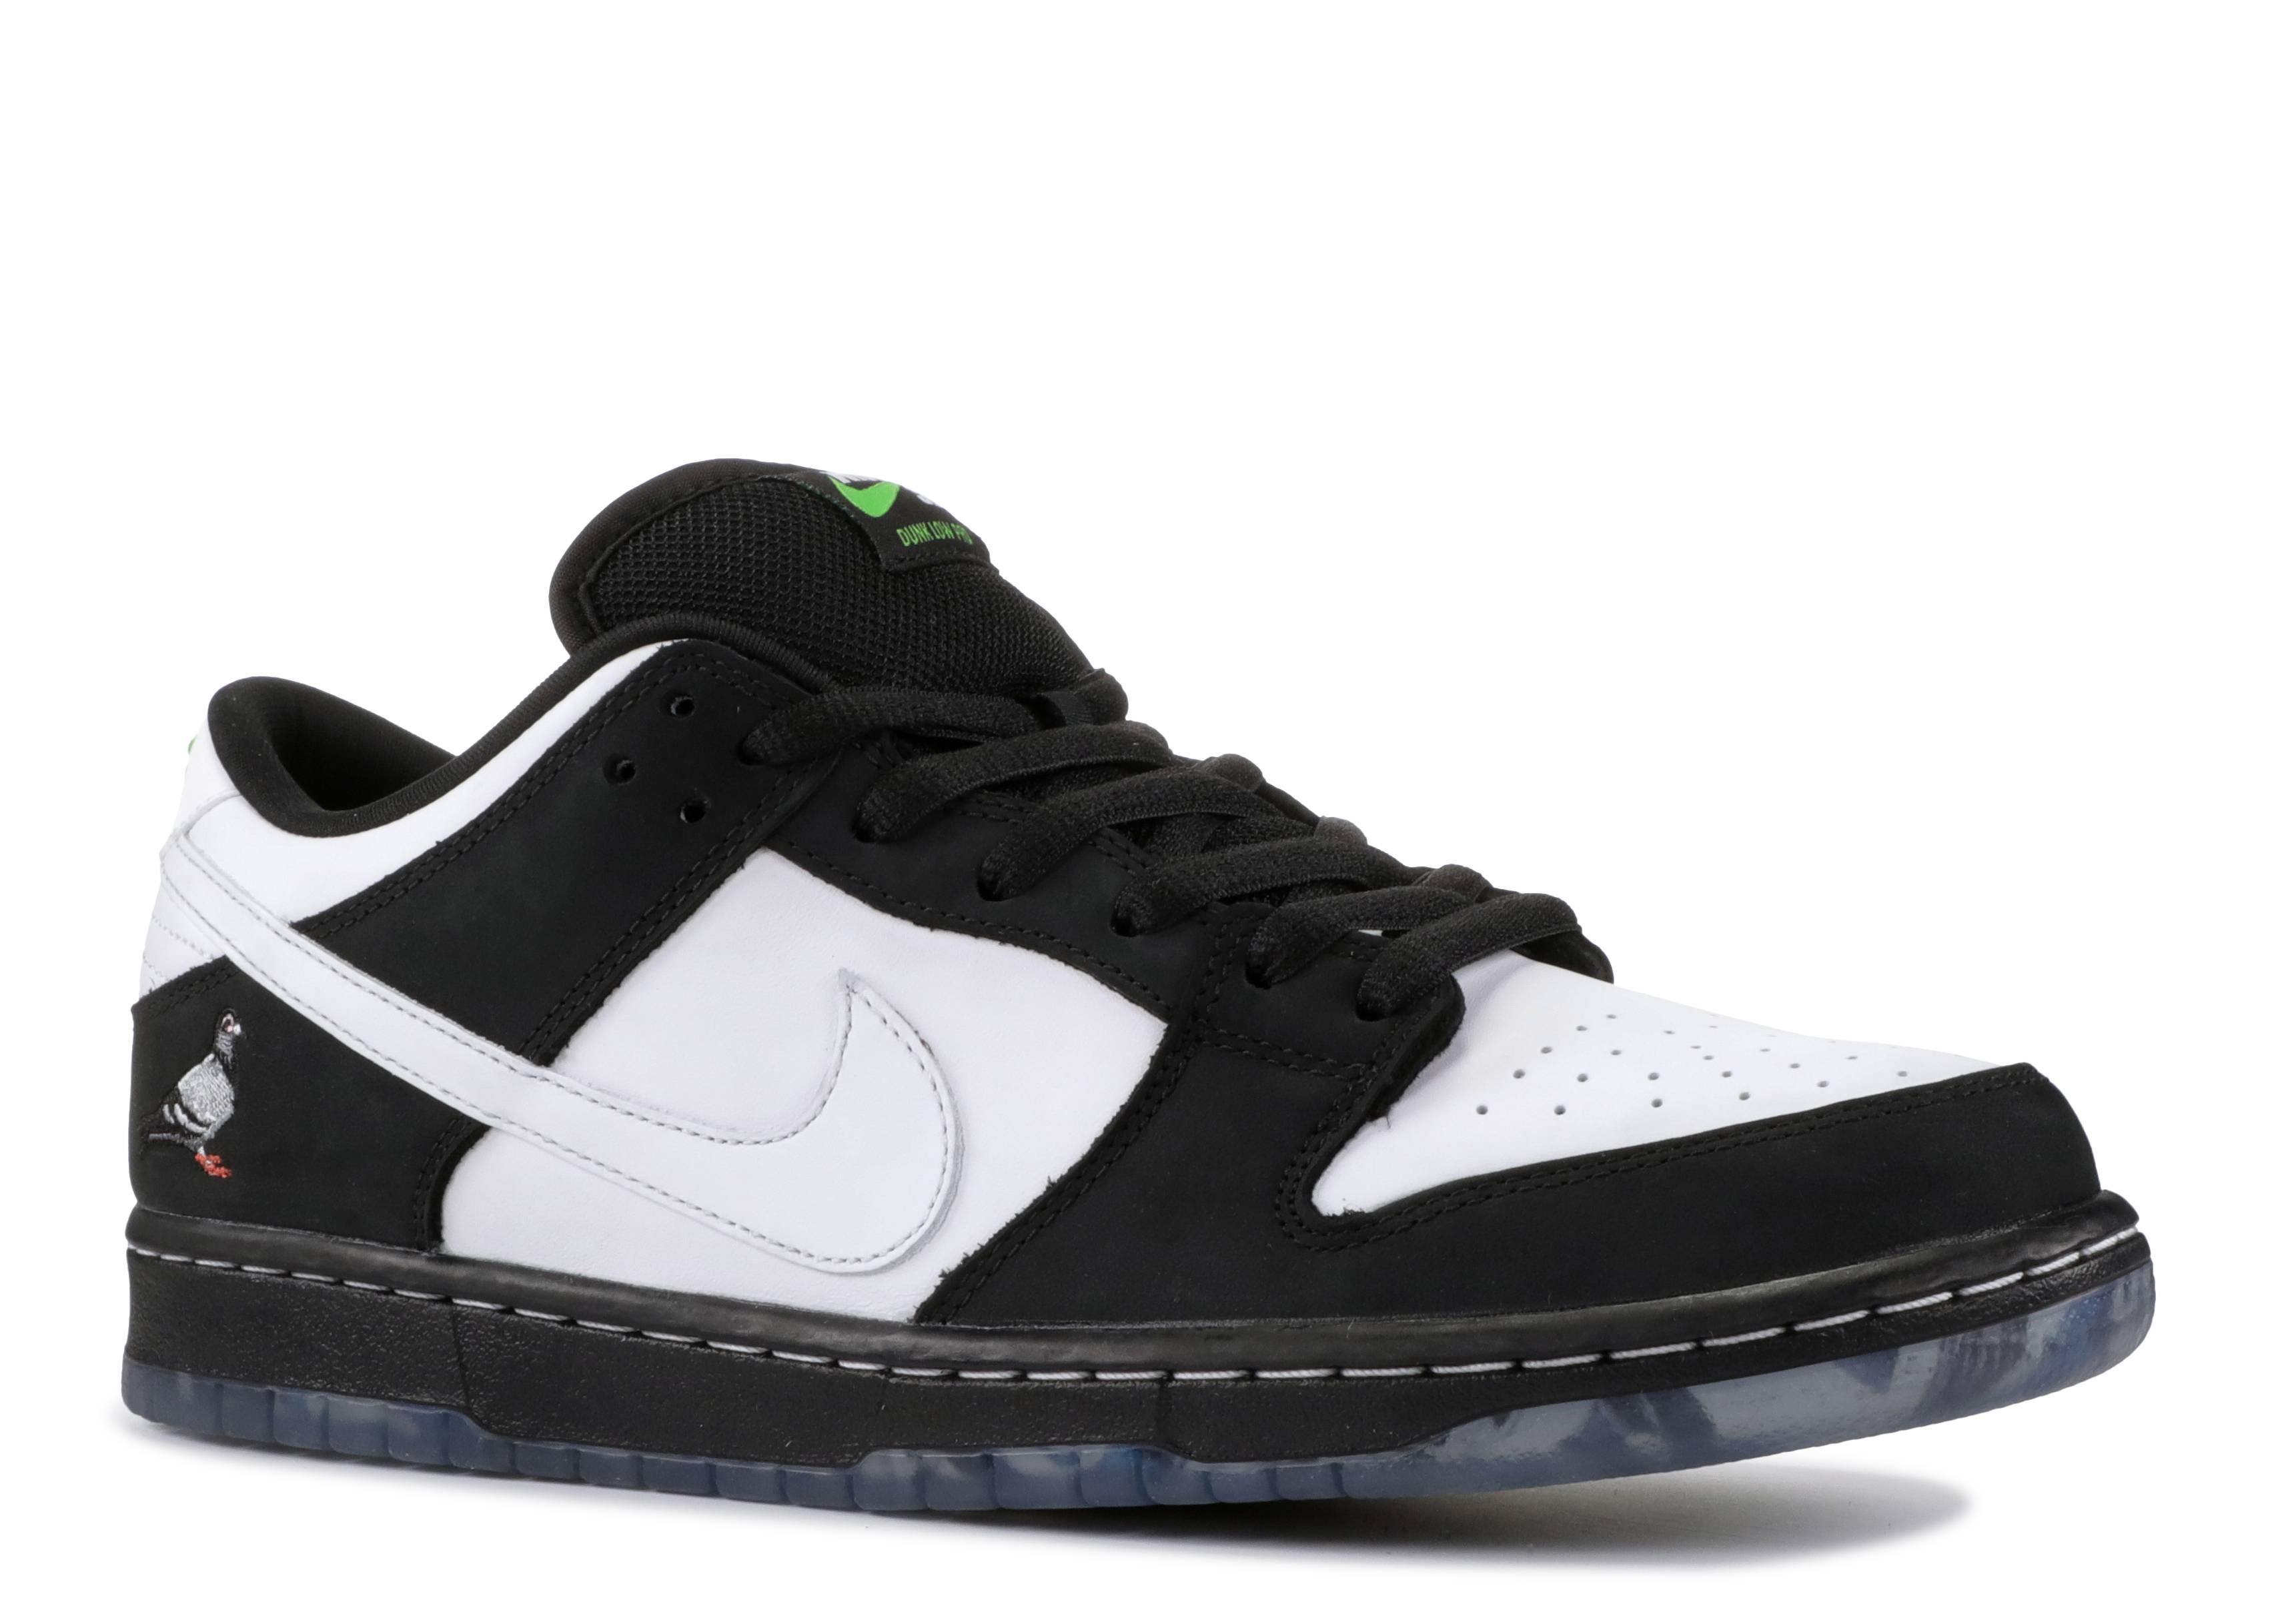 online retailer 55c68 7425c Nike Sb Dunk Low Pro Og